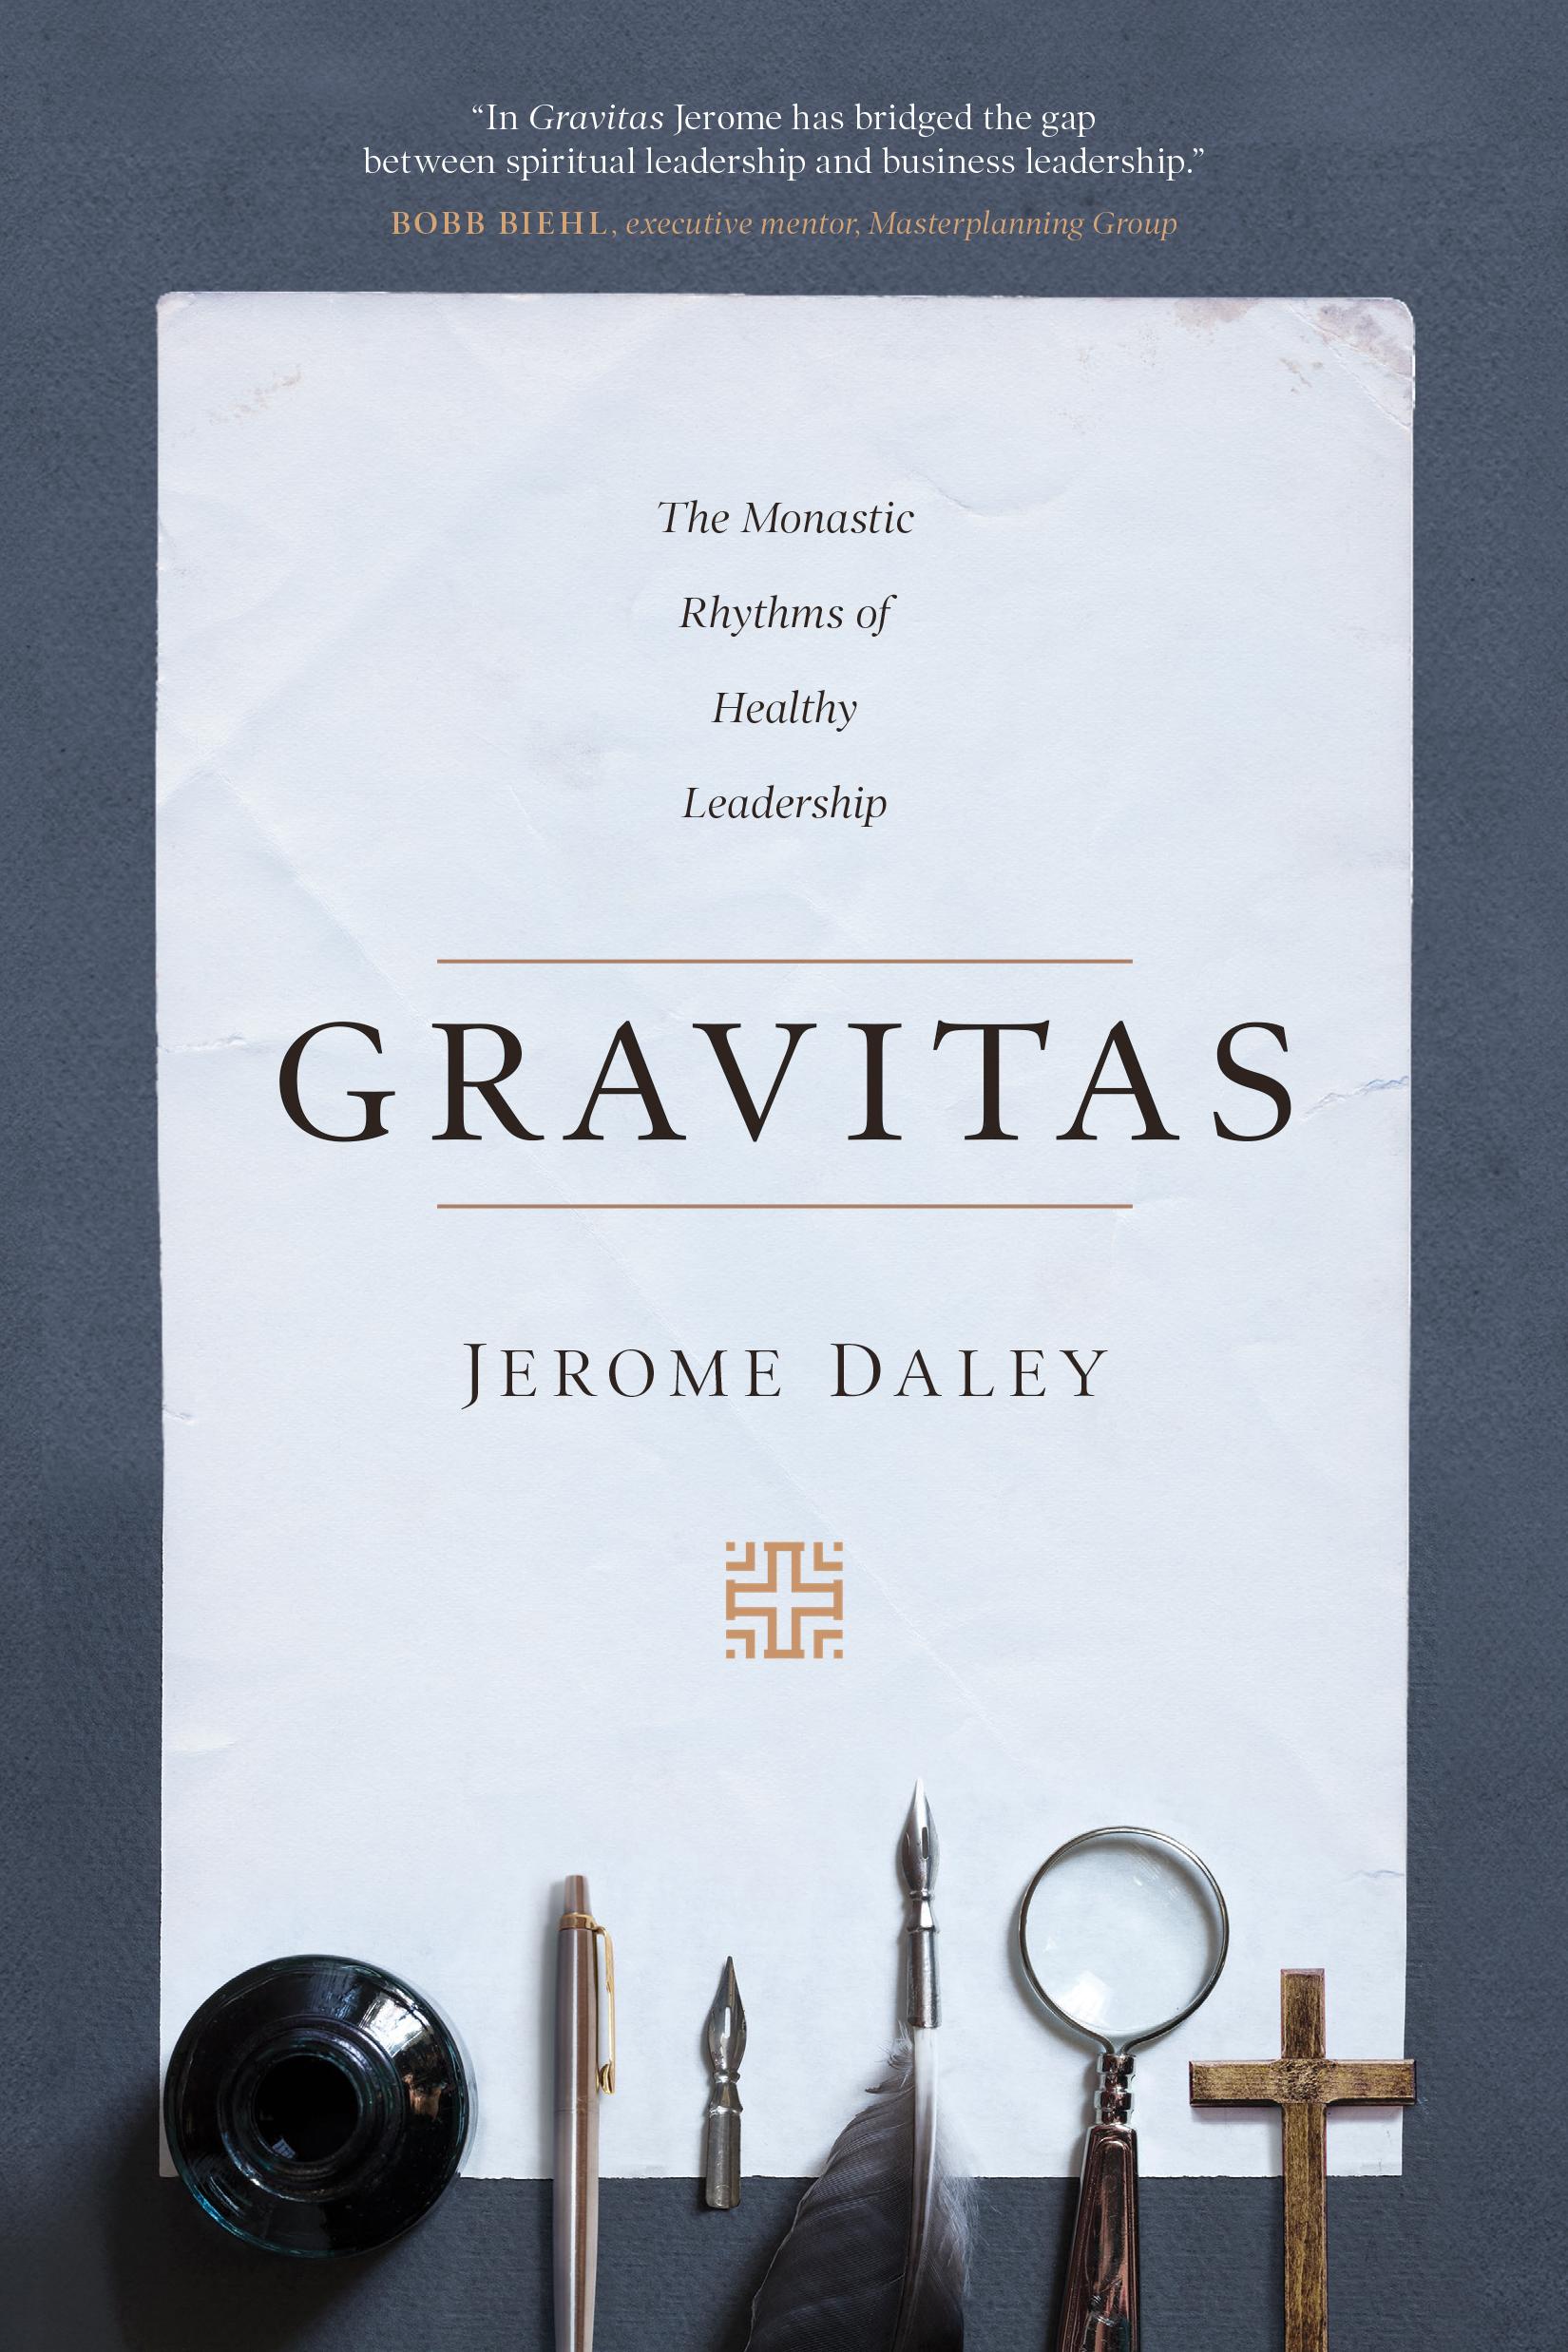 Gravitas: The Monastic Rhythms of Healthy Leadership